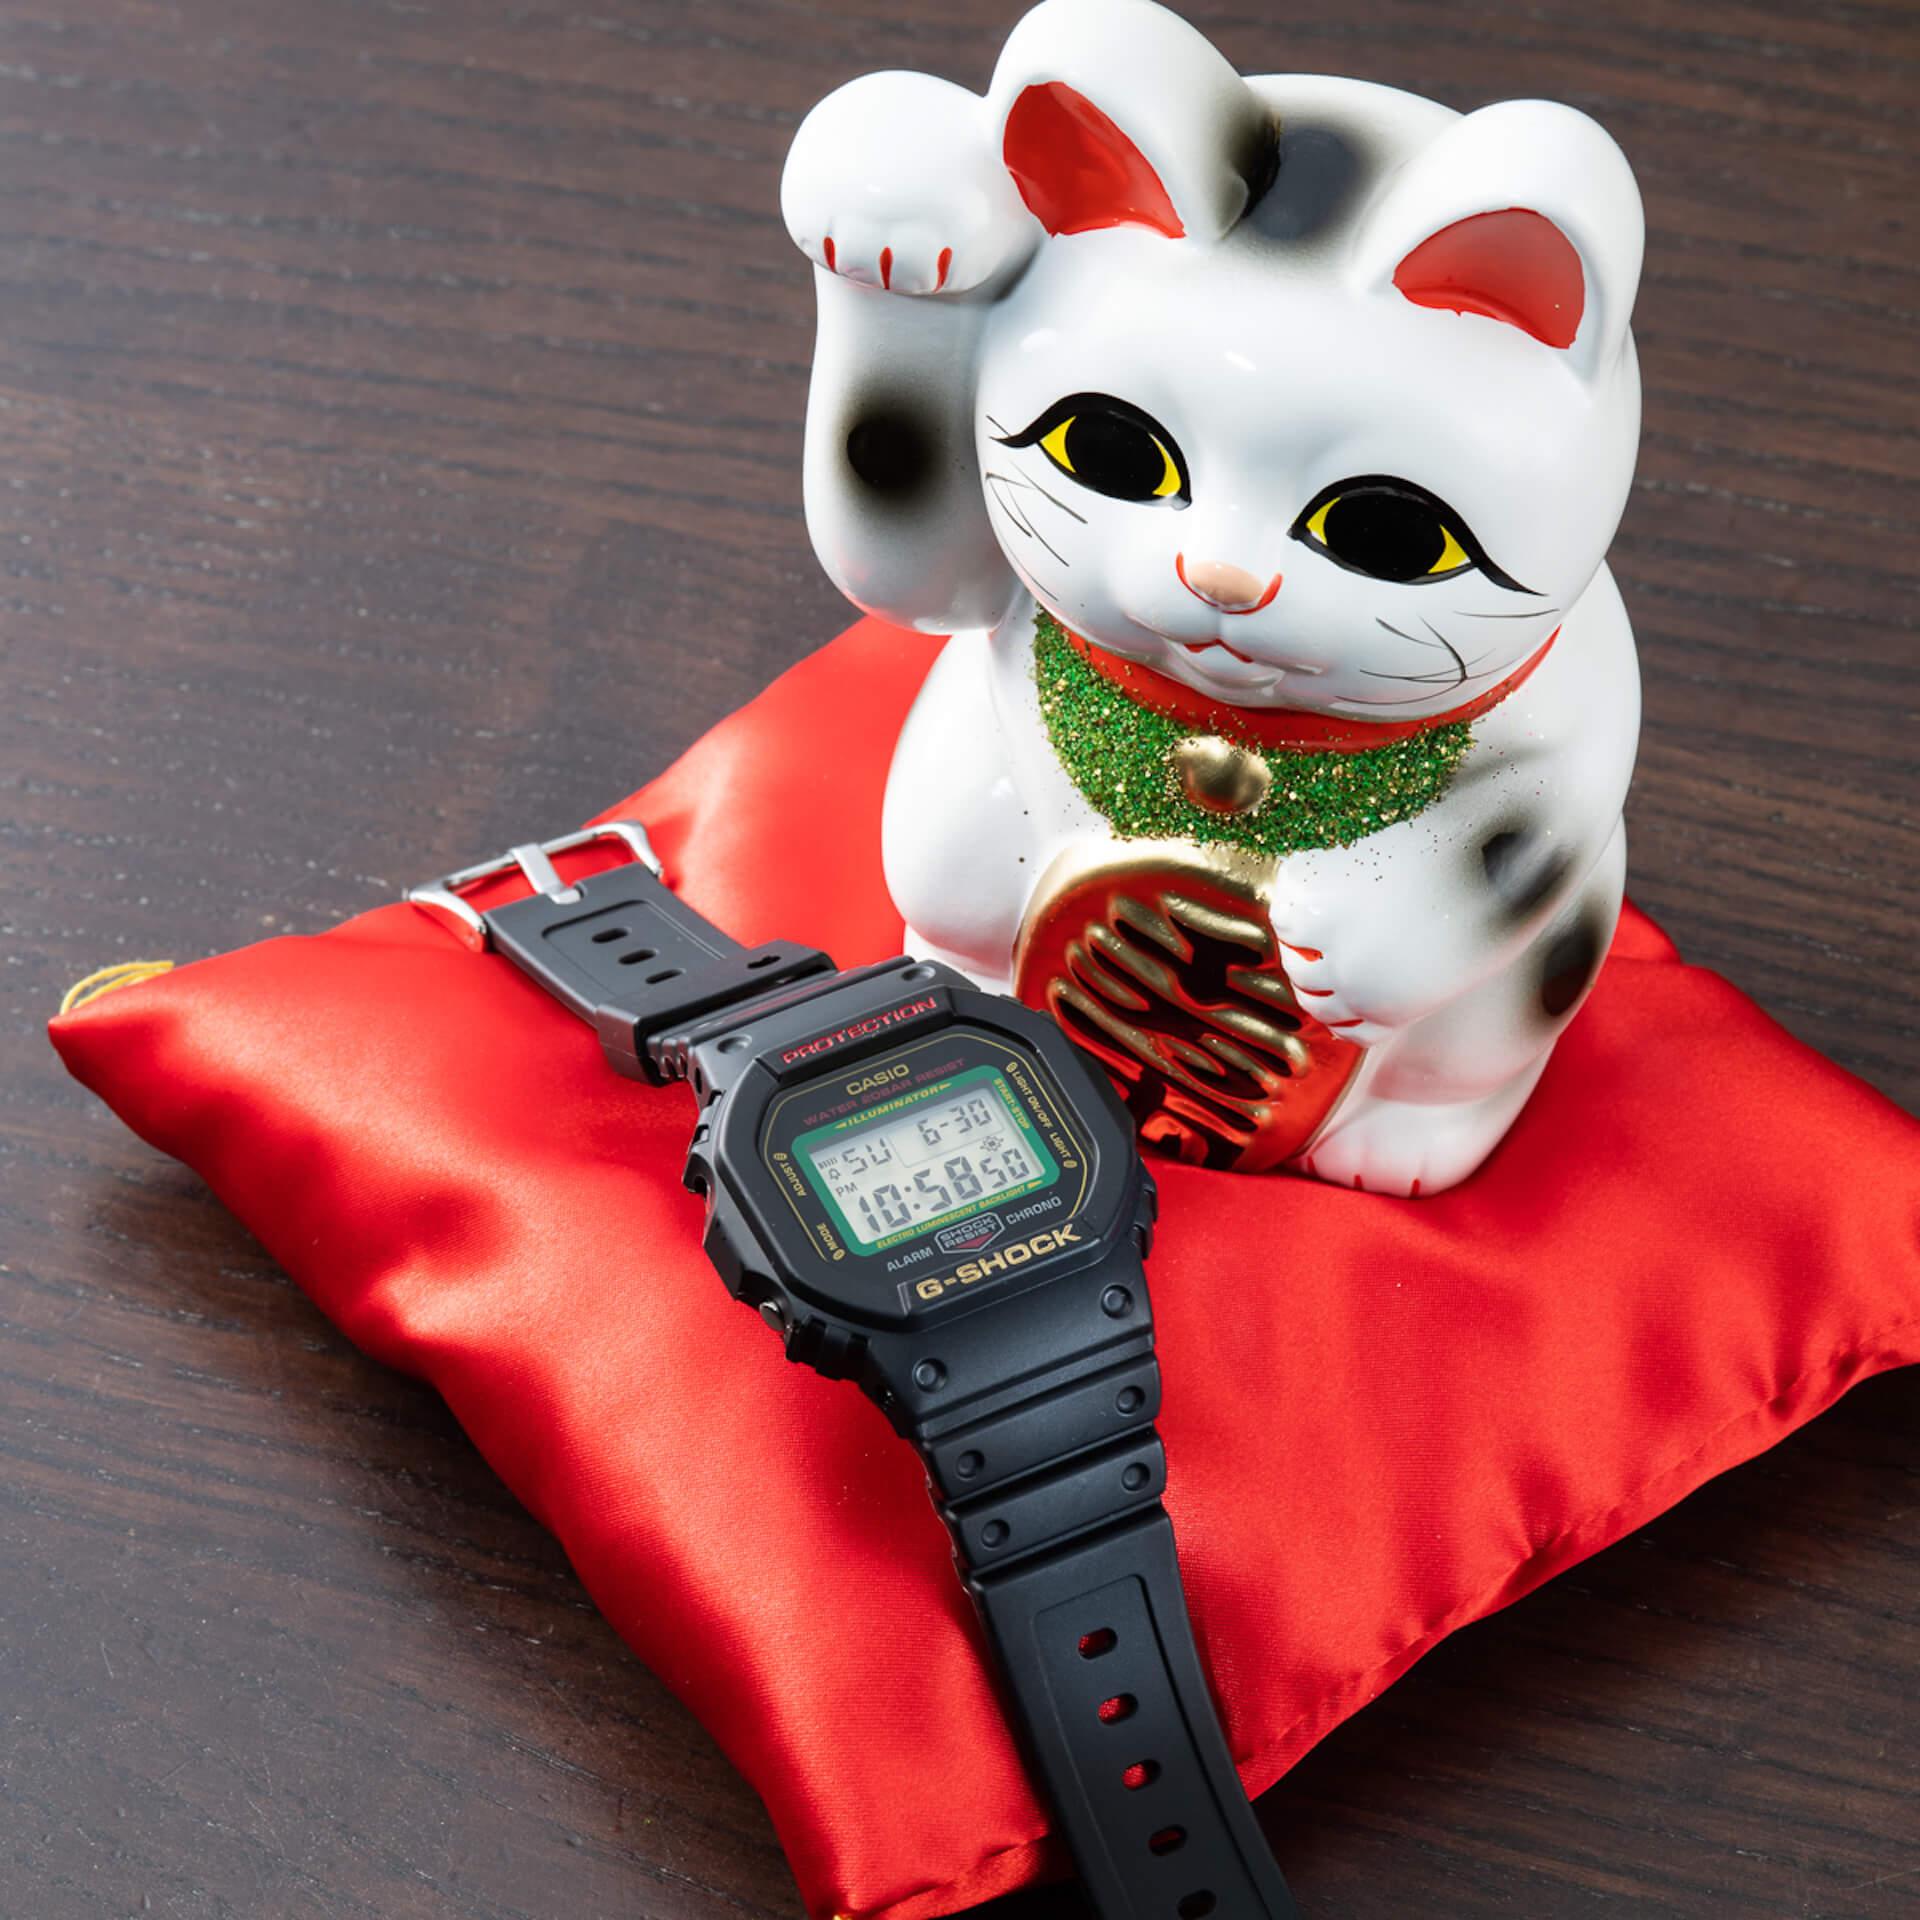 幸福を呼ぶG-SHOCK「MANEKINEKO」が誕生|BlackEyePatchデザインによる招き猫のイラストも life200122_gshock_bep_9